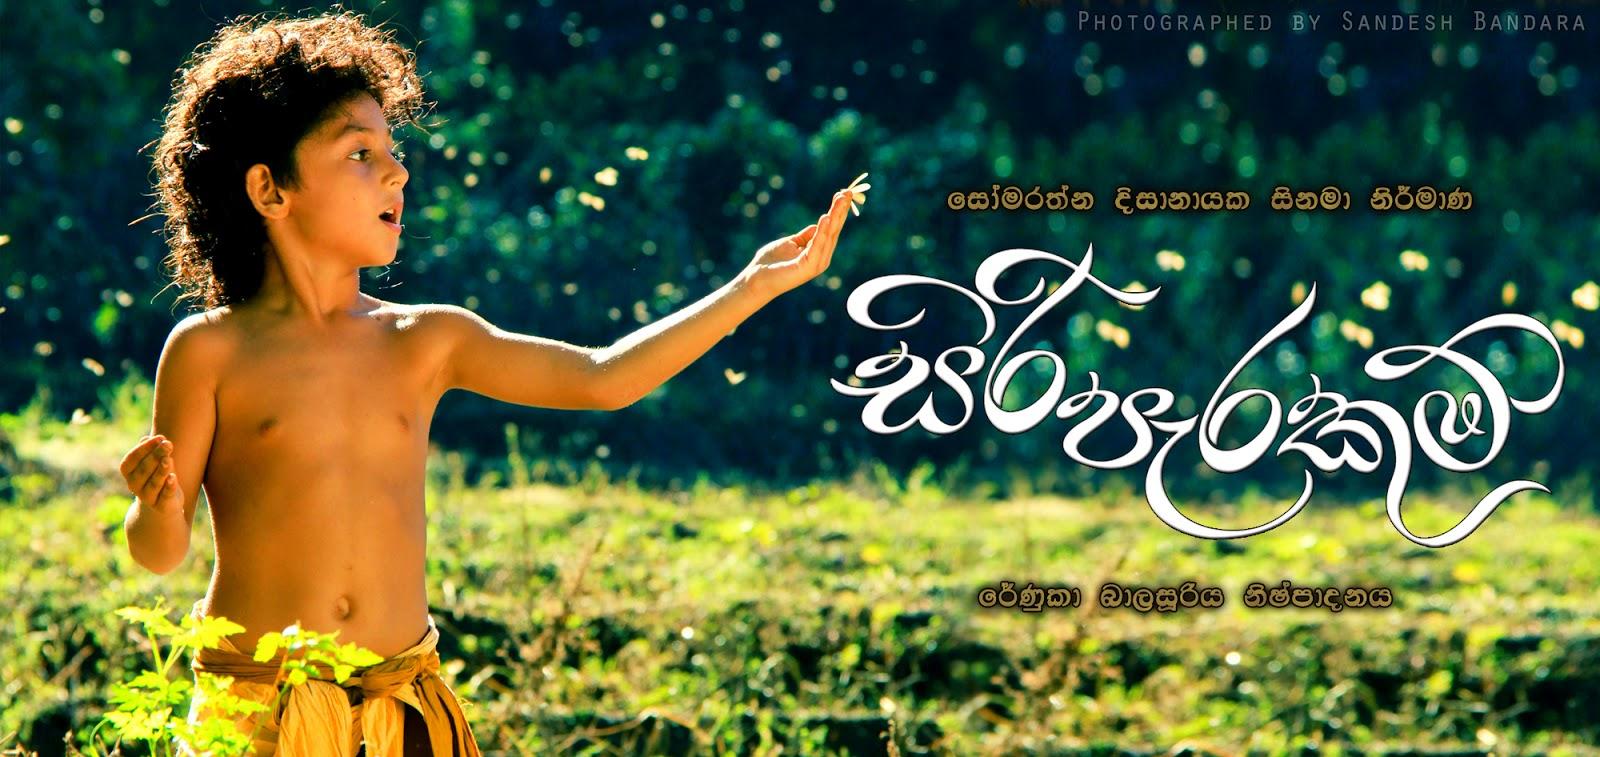 Sinhala film song mp3 free download.